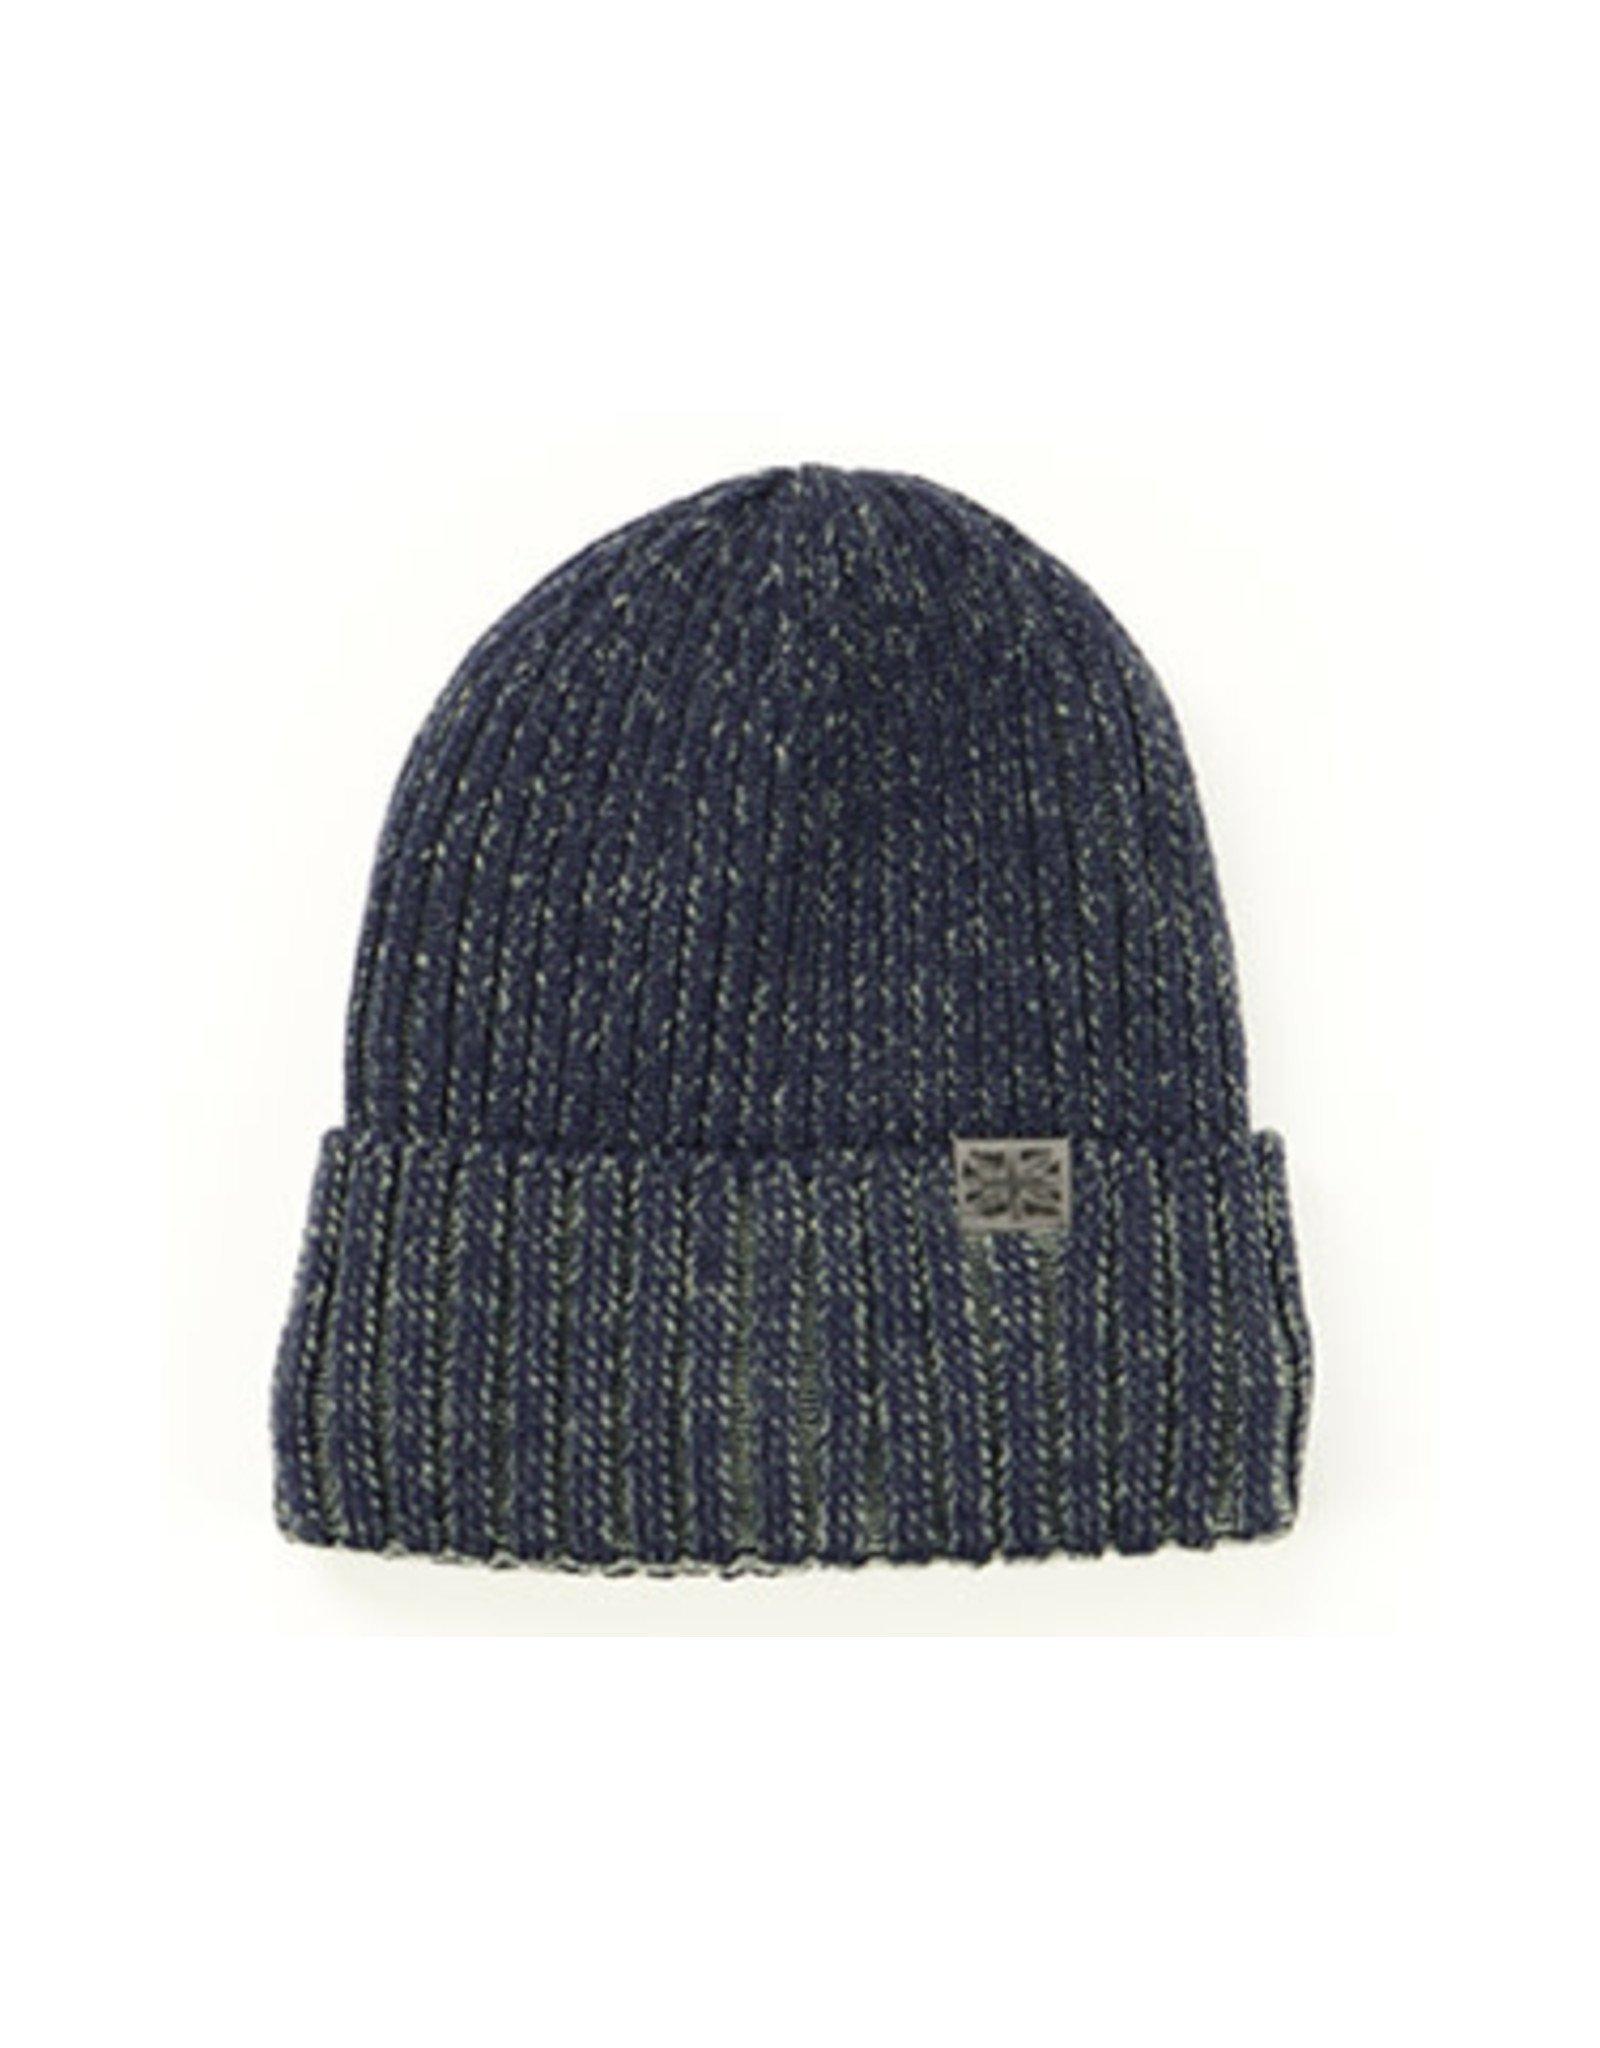 DM Merchandising WINTER HARBOR HAT